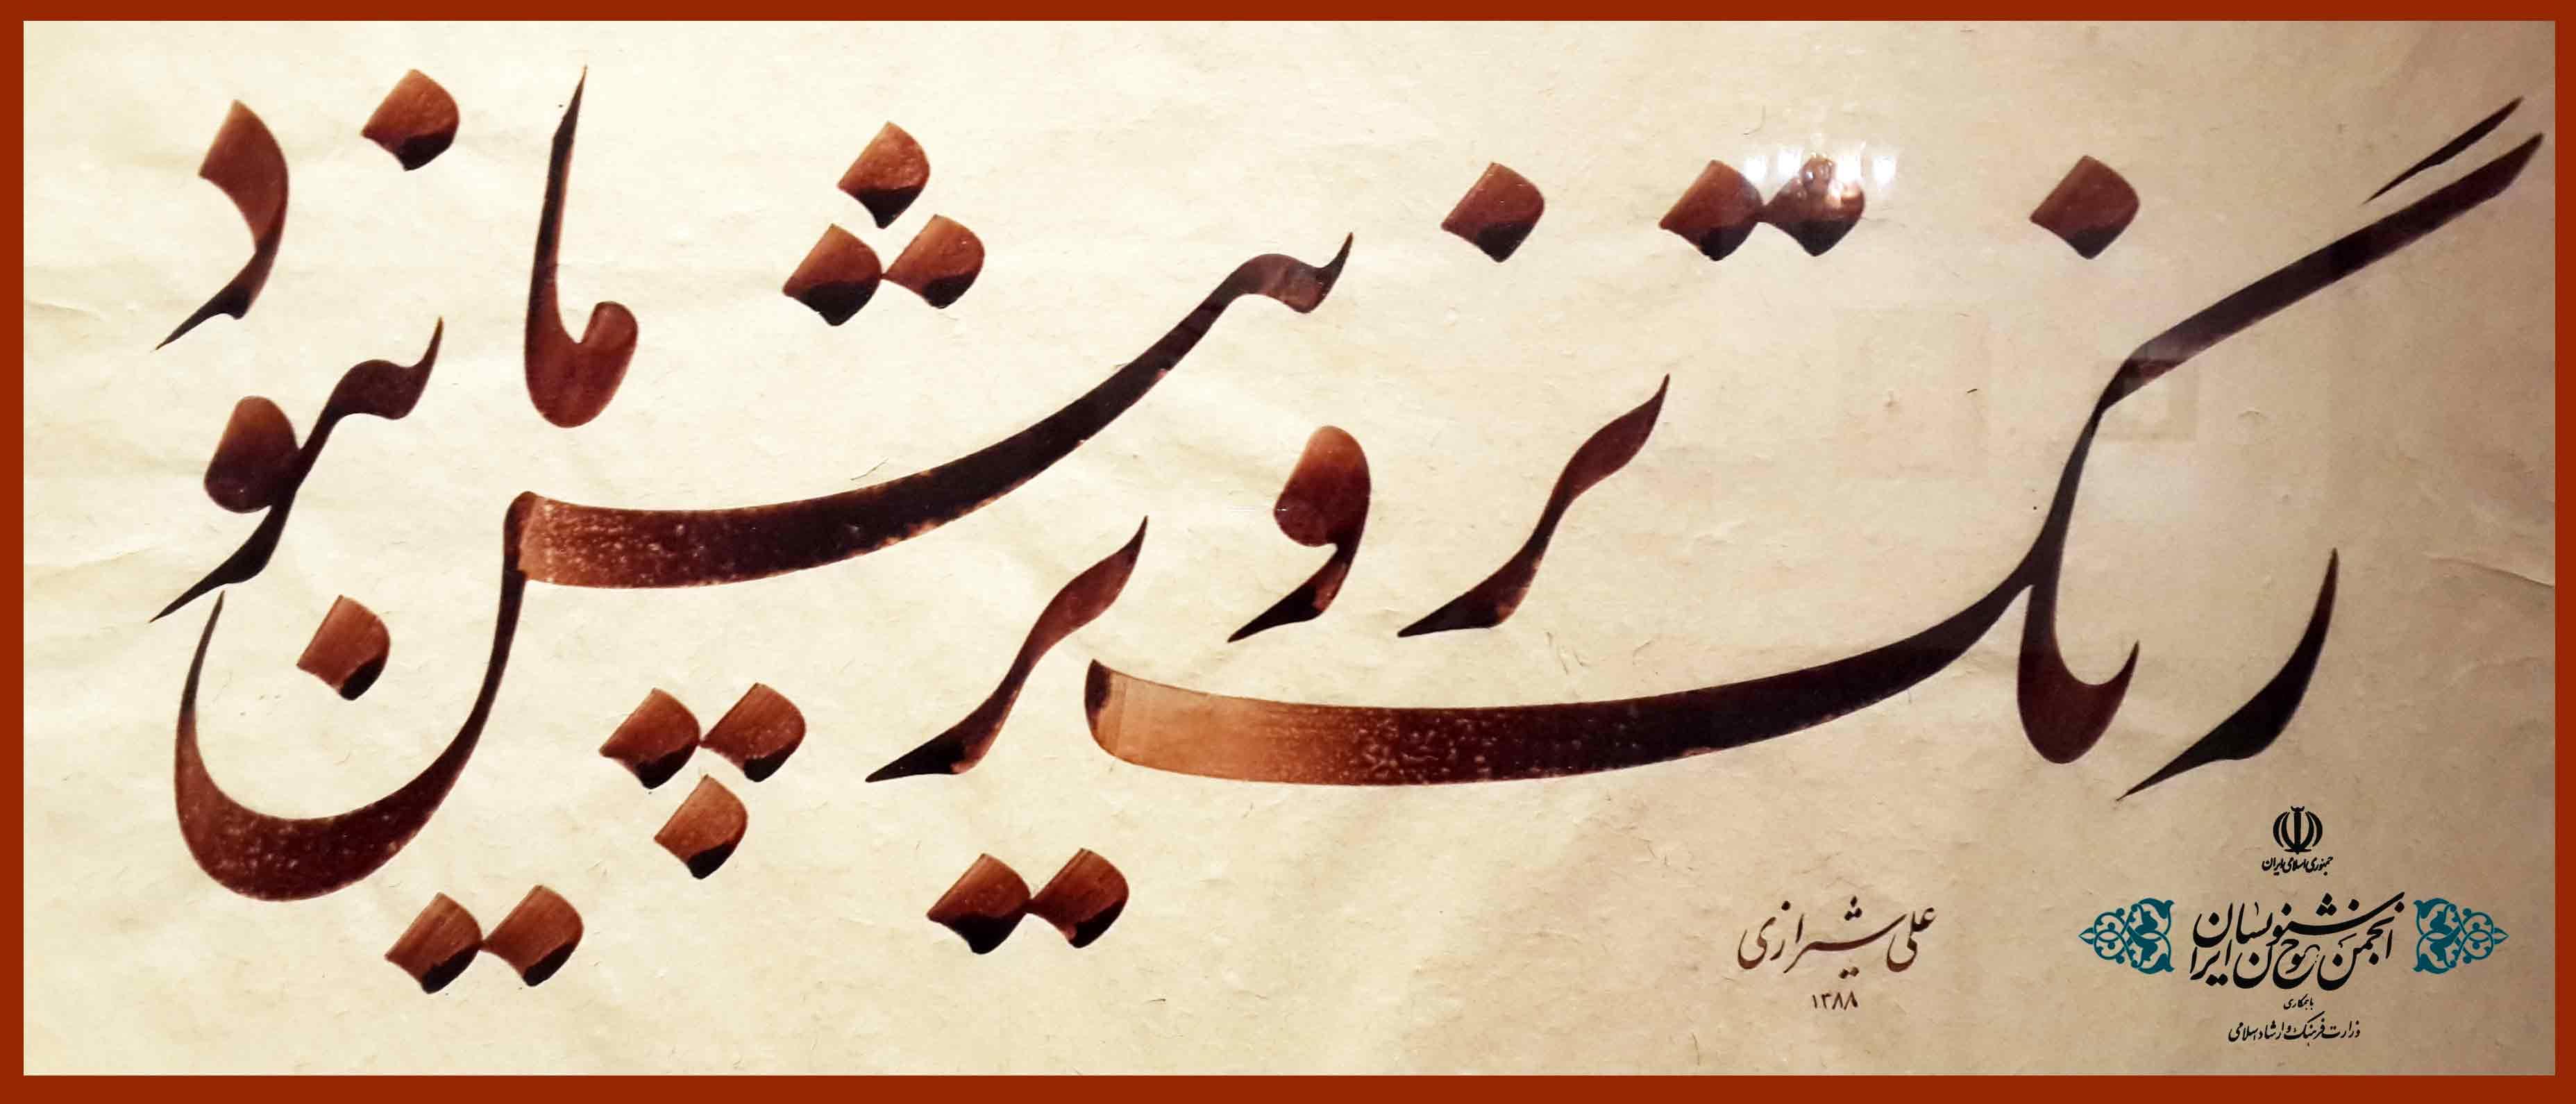 اثر استاد شیرازی انجمن خوشنویسان ایران